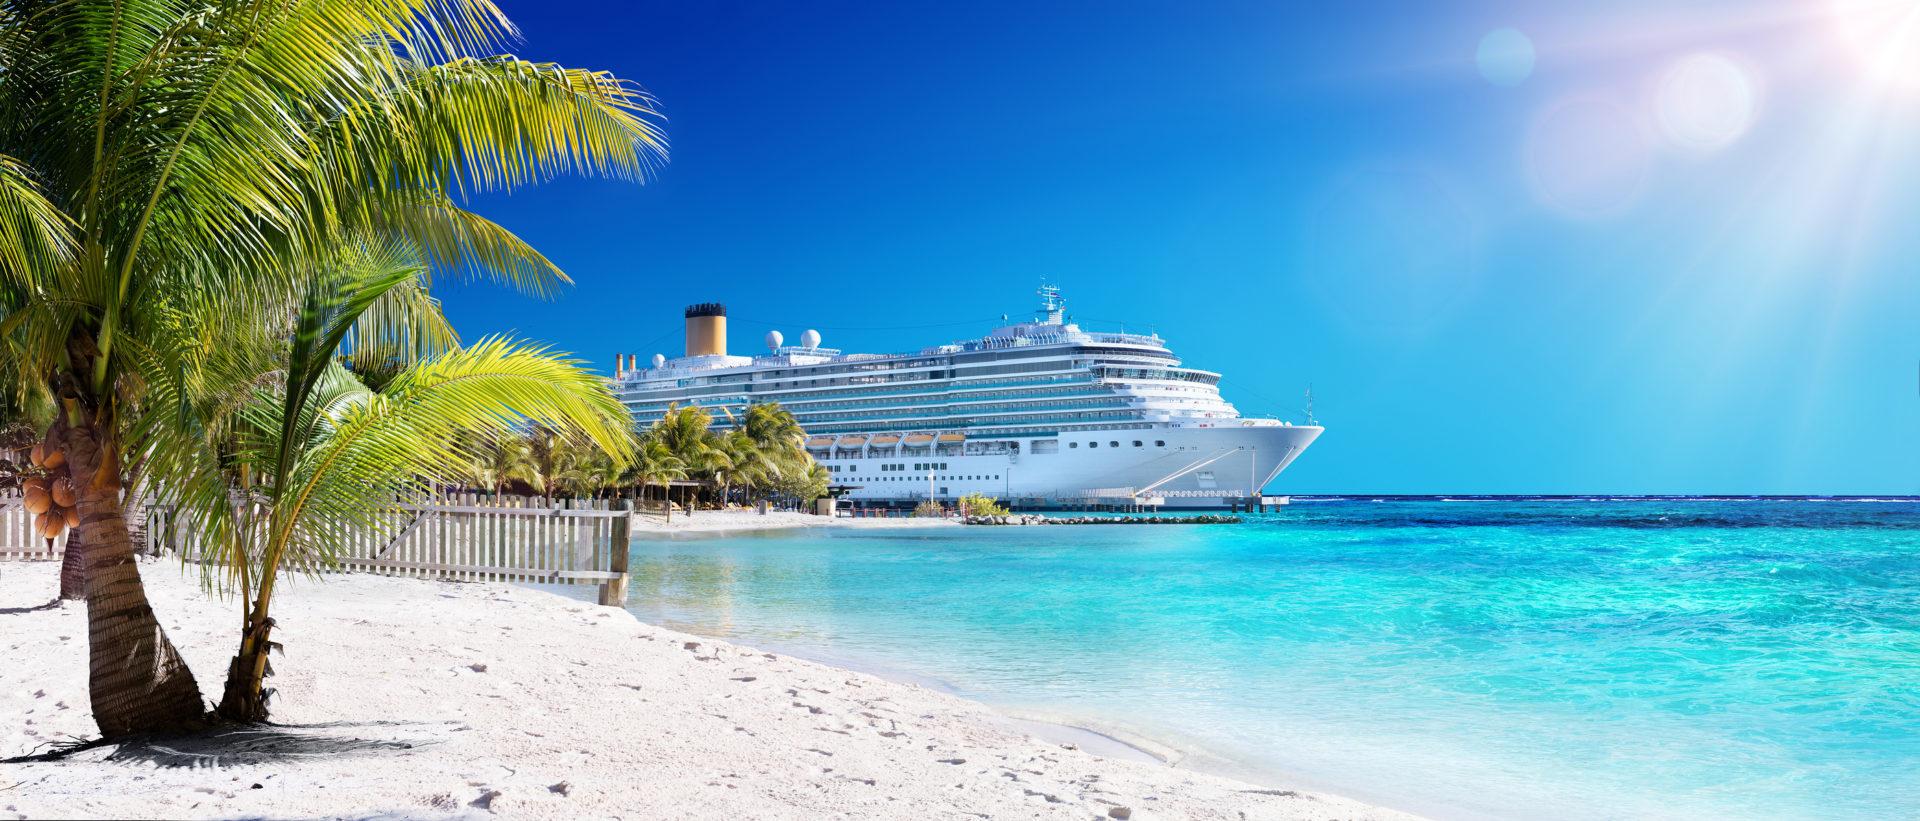 caribbean cruise beach palm tree cloud 99 tours